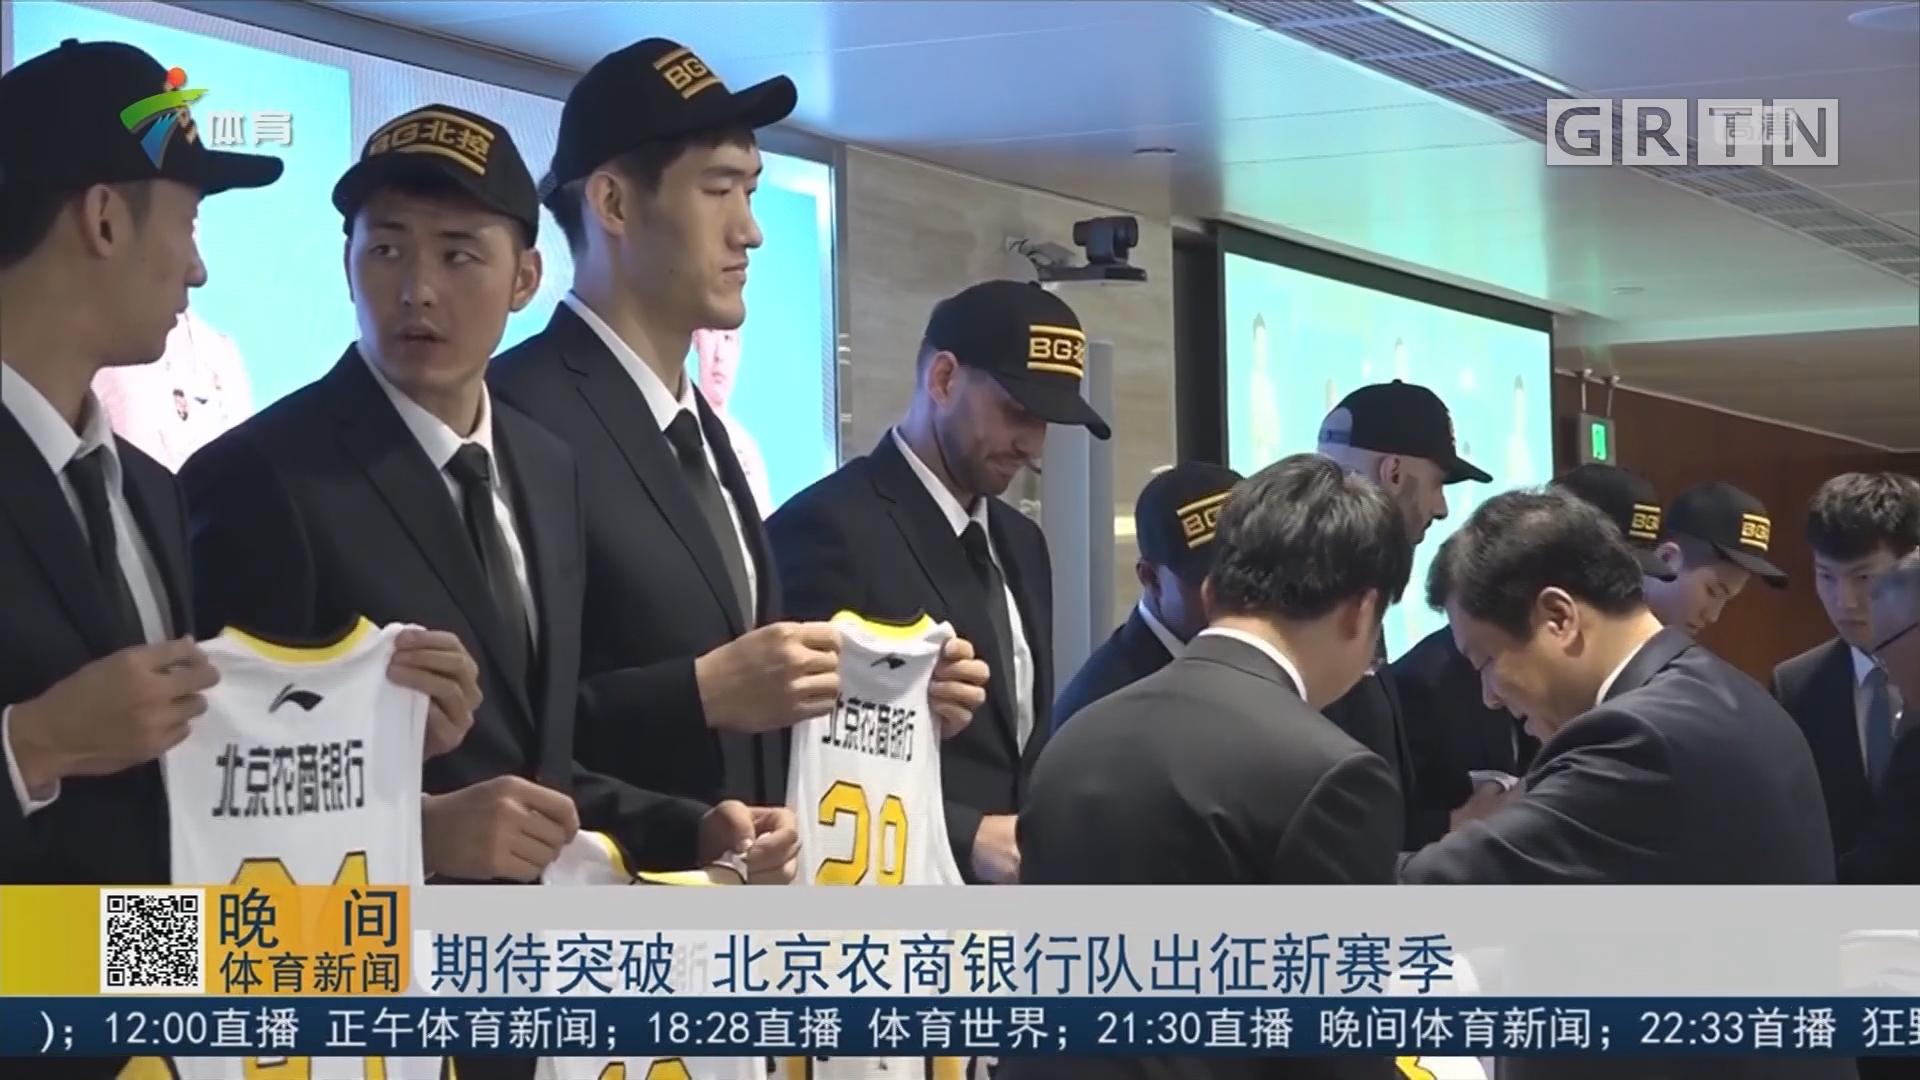 期待突破 北京农商银行队出征新赛季